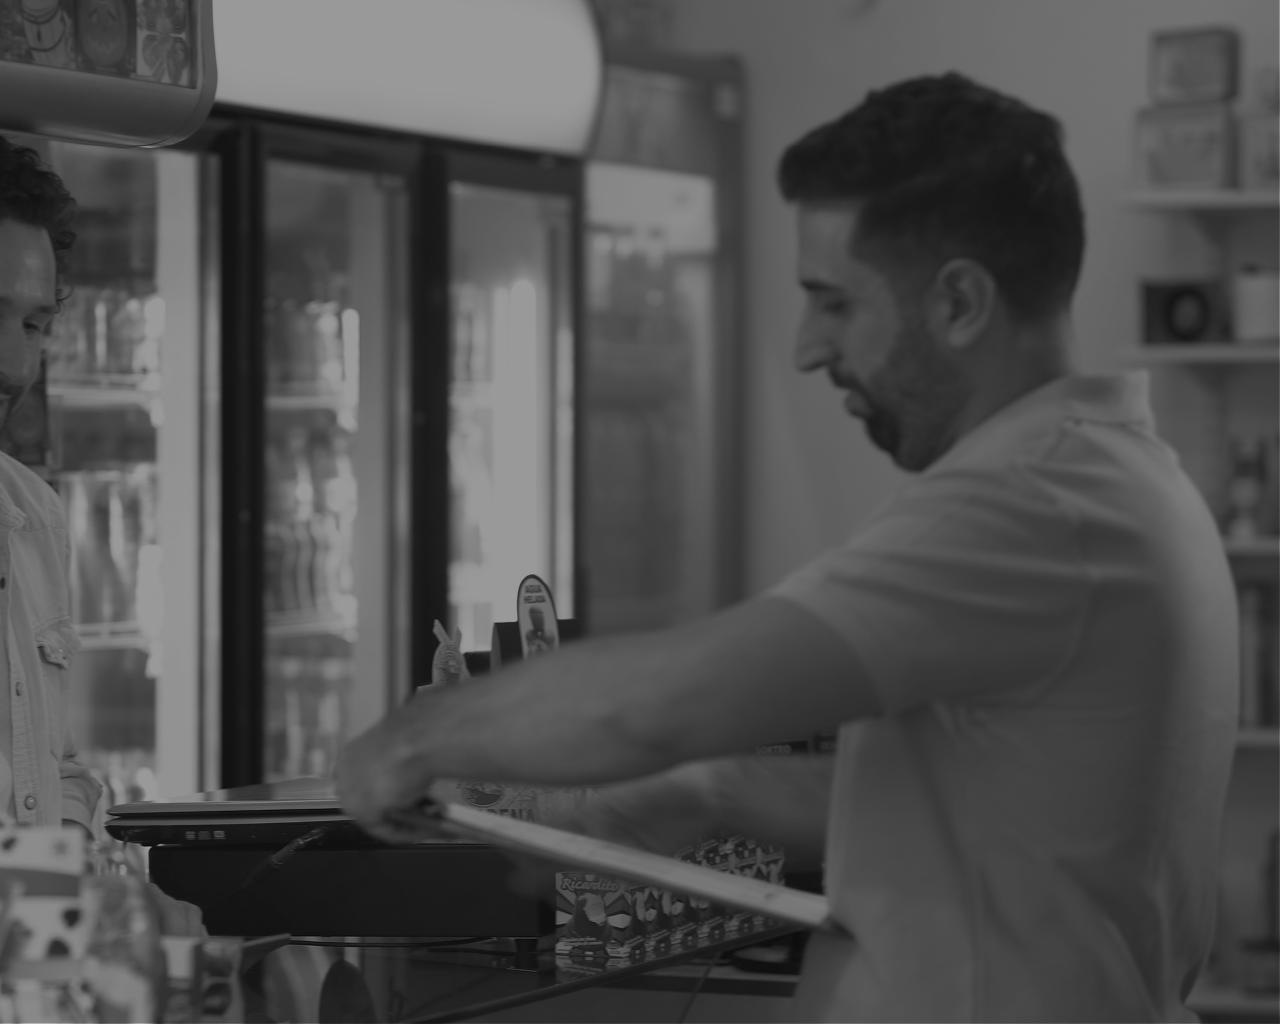 Distribuidores - Los distribuidores de mercaderías aceptan pagos digitales en su cuenta RedCloud por medio de un código QR que los comercios minoristas puedan escanear y pagar al instante. De esta forma, pueden realizar pagos directos desde su cuenta a sus empleados, proveedores o pagar sus facturas.